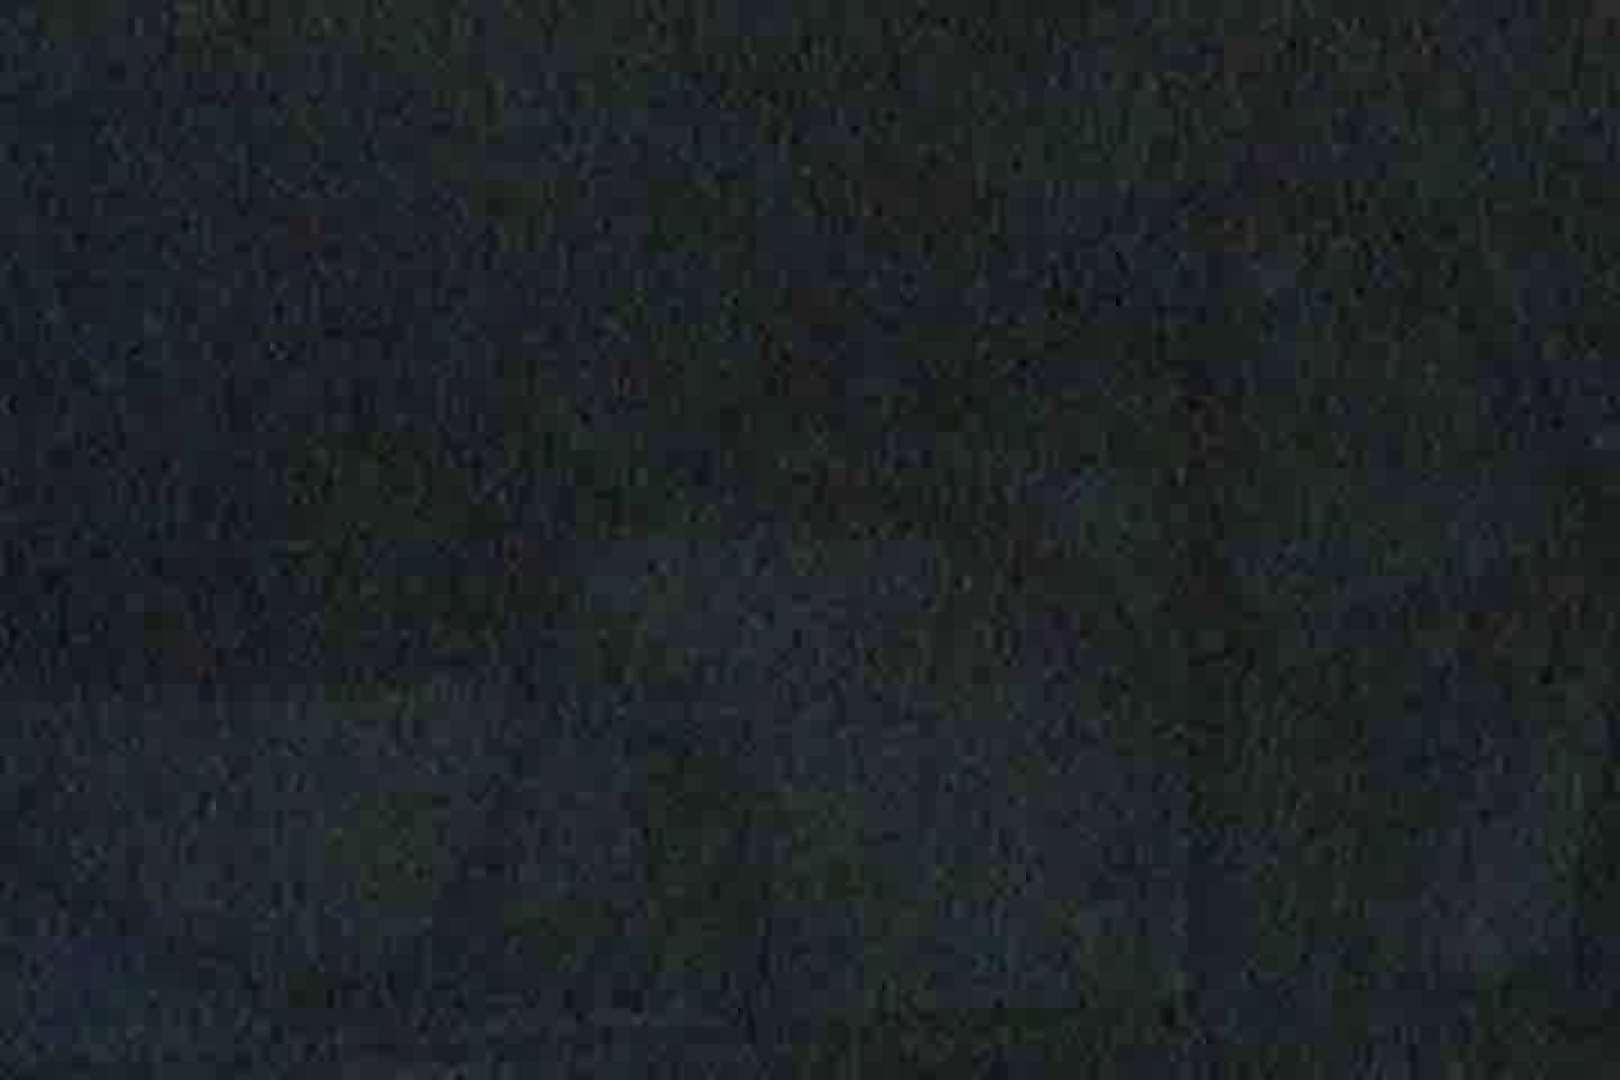 充血監督の深夜の運動会Vol.8 チクビ  98枚 4